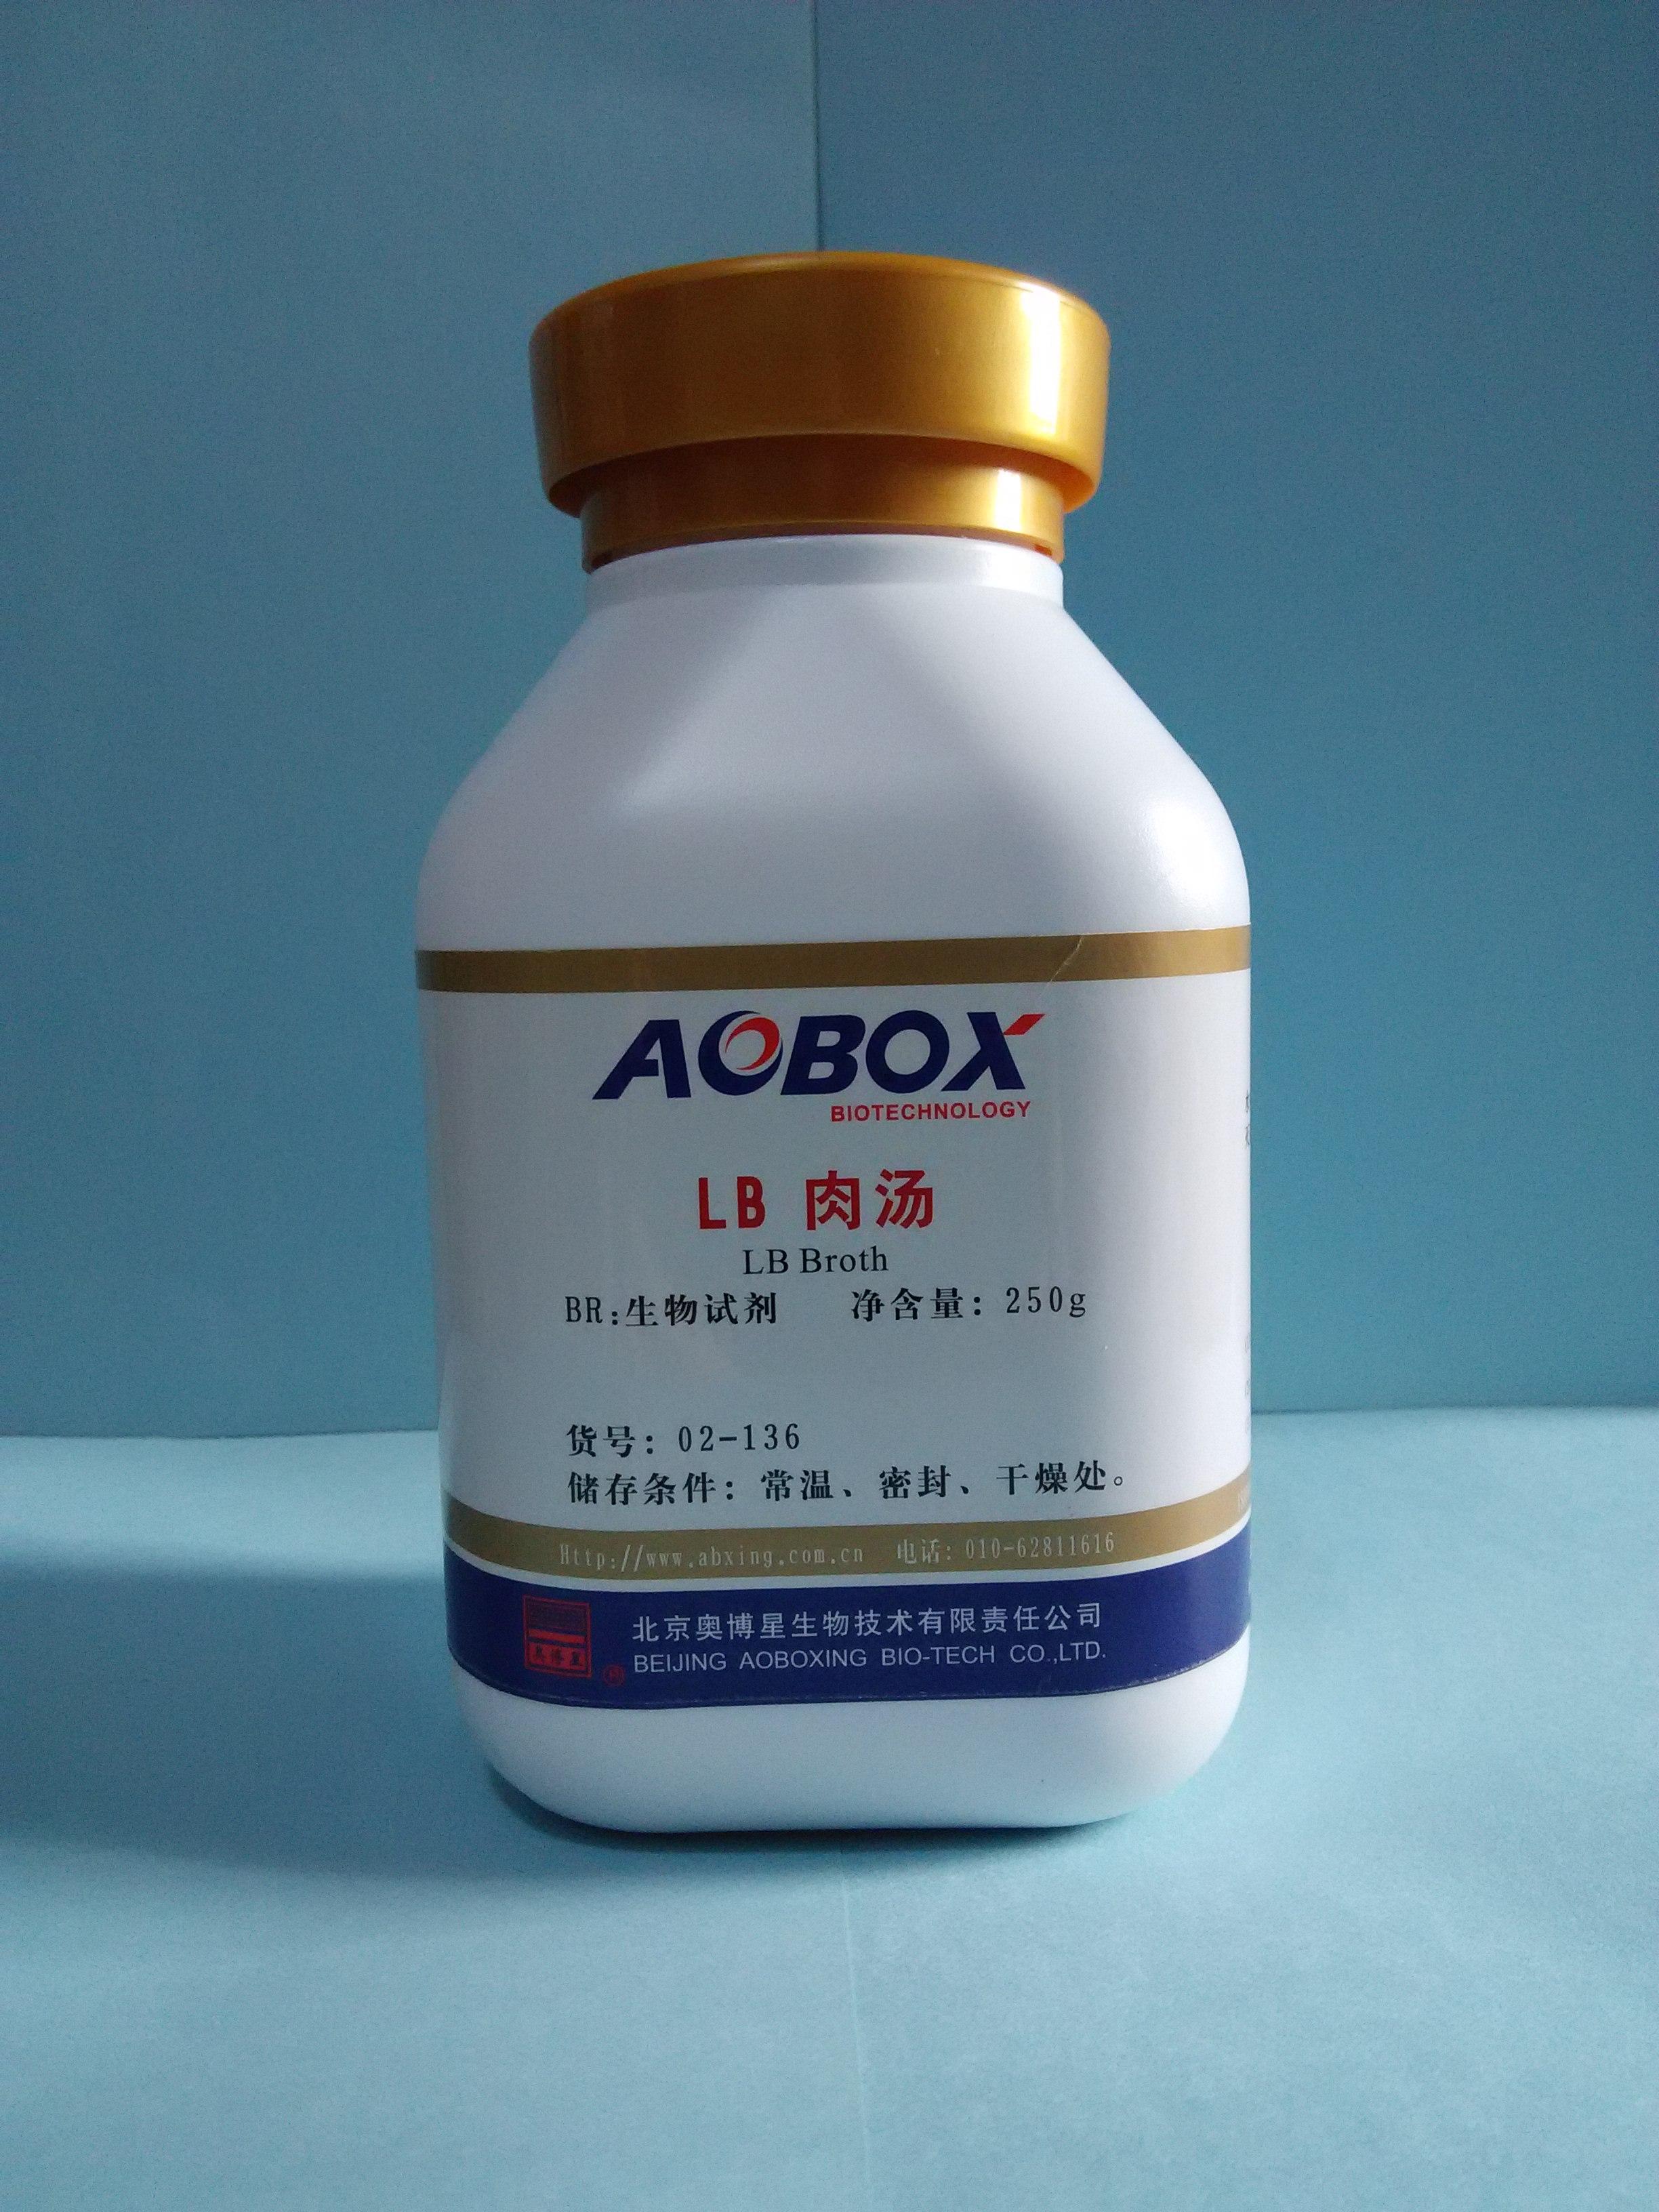 供应LB肉汤培养基 奥博星 02-136 生化试剂 量大优惠 质量保证 250g